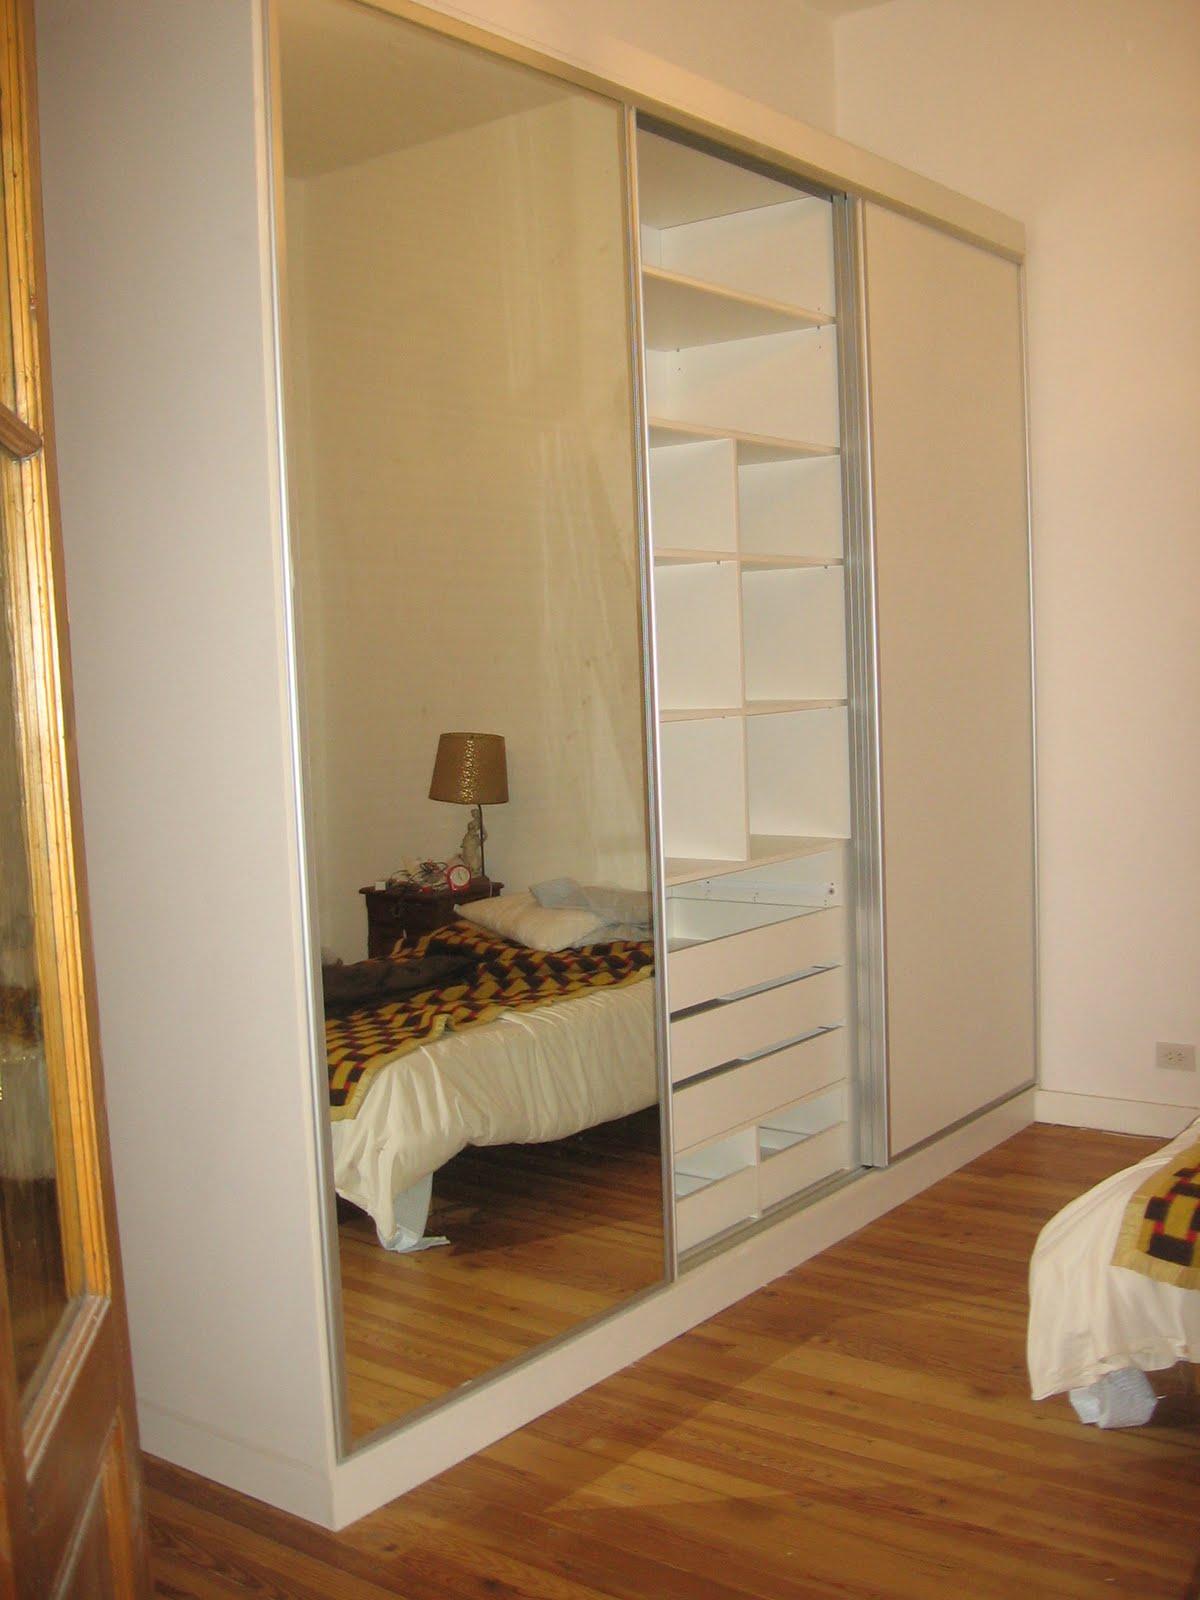 Muebles a tu medida placard con puerta de espejo - Puertas de espejo ...